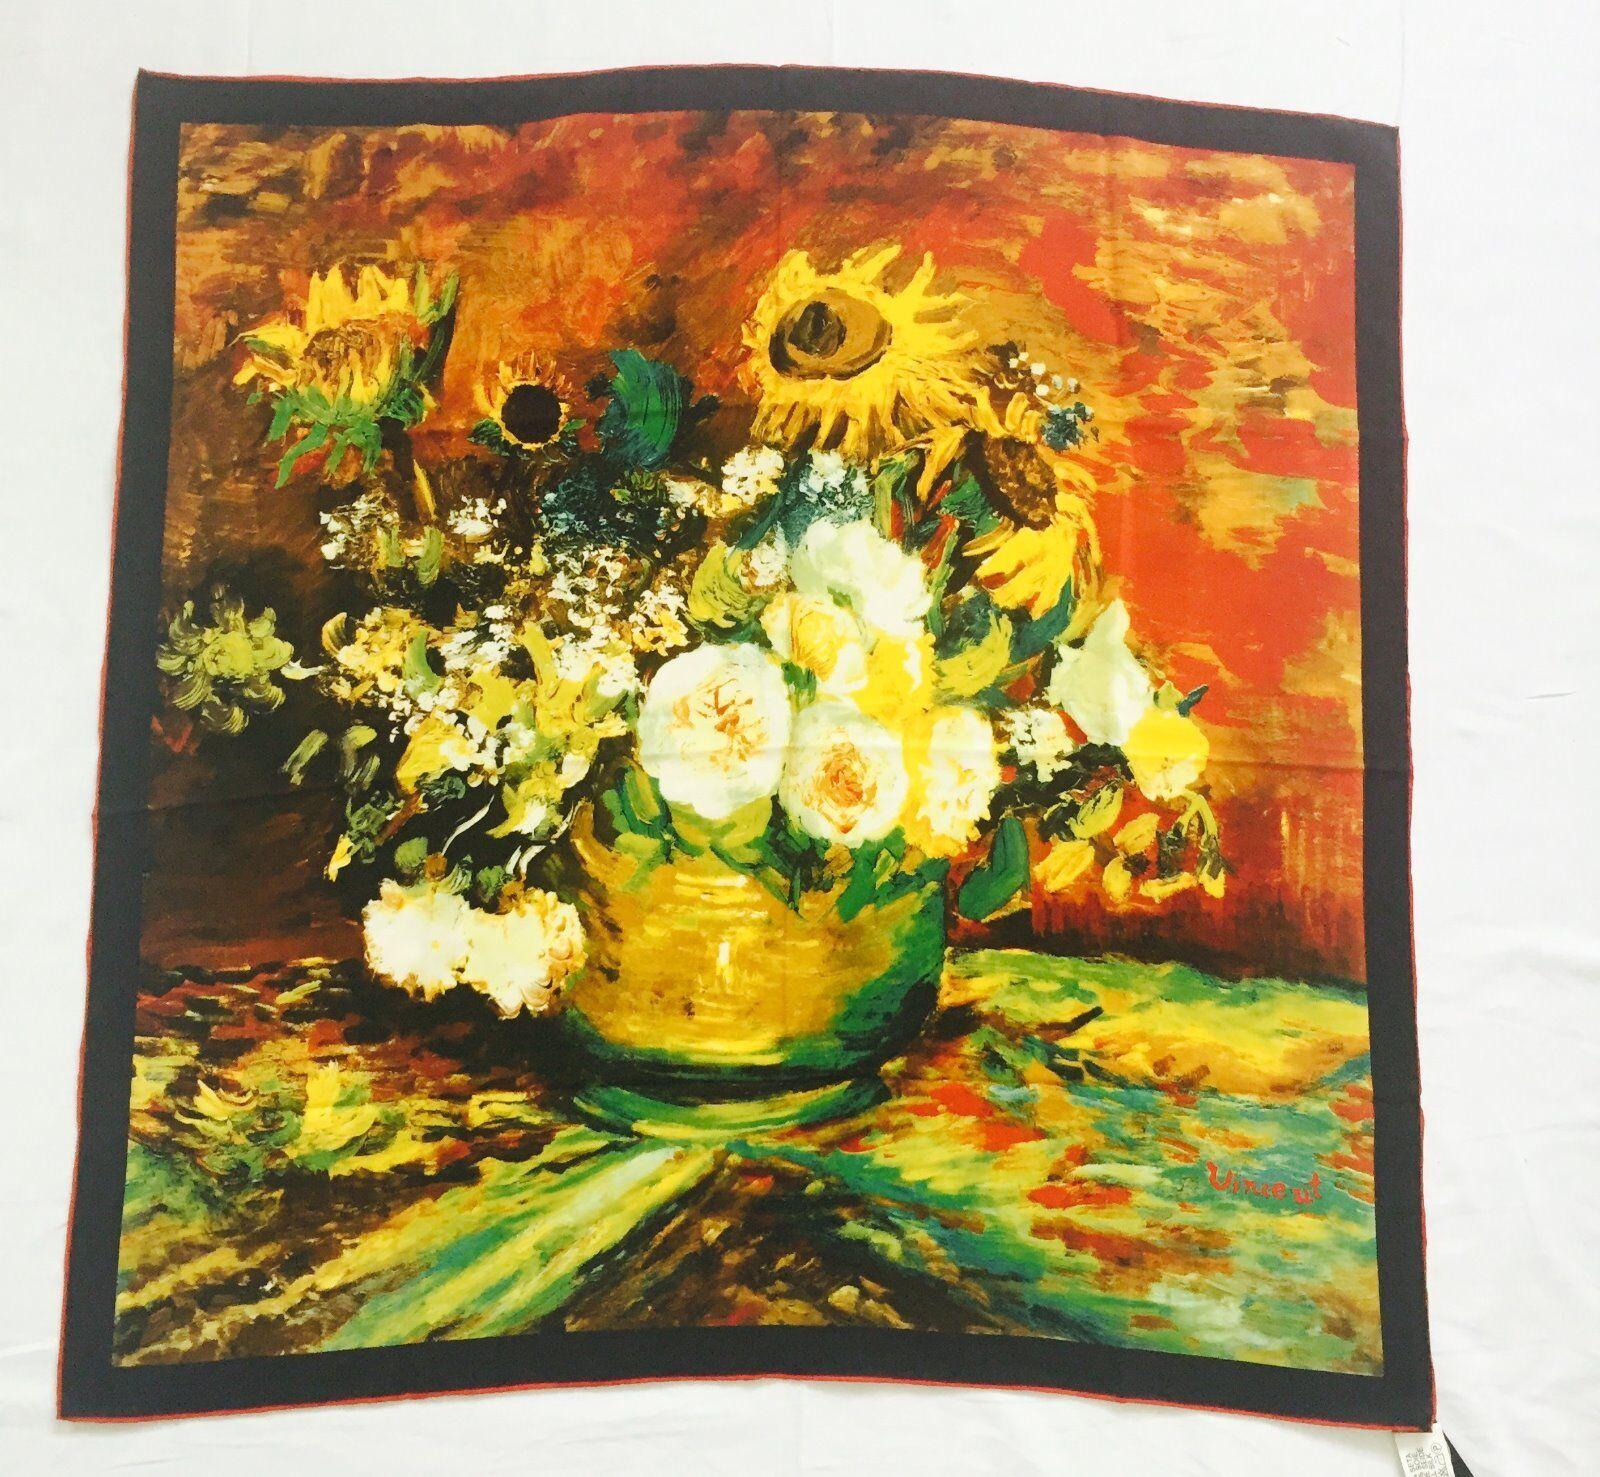 Seidentuch, Vincent van Gogh, Vase mit Blaumen, neu | Grüne, neue Technologie  | In hohem Grade geschätzt und weit vertrautes herein und heraus